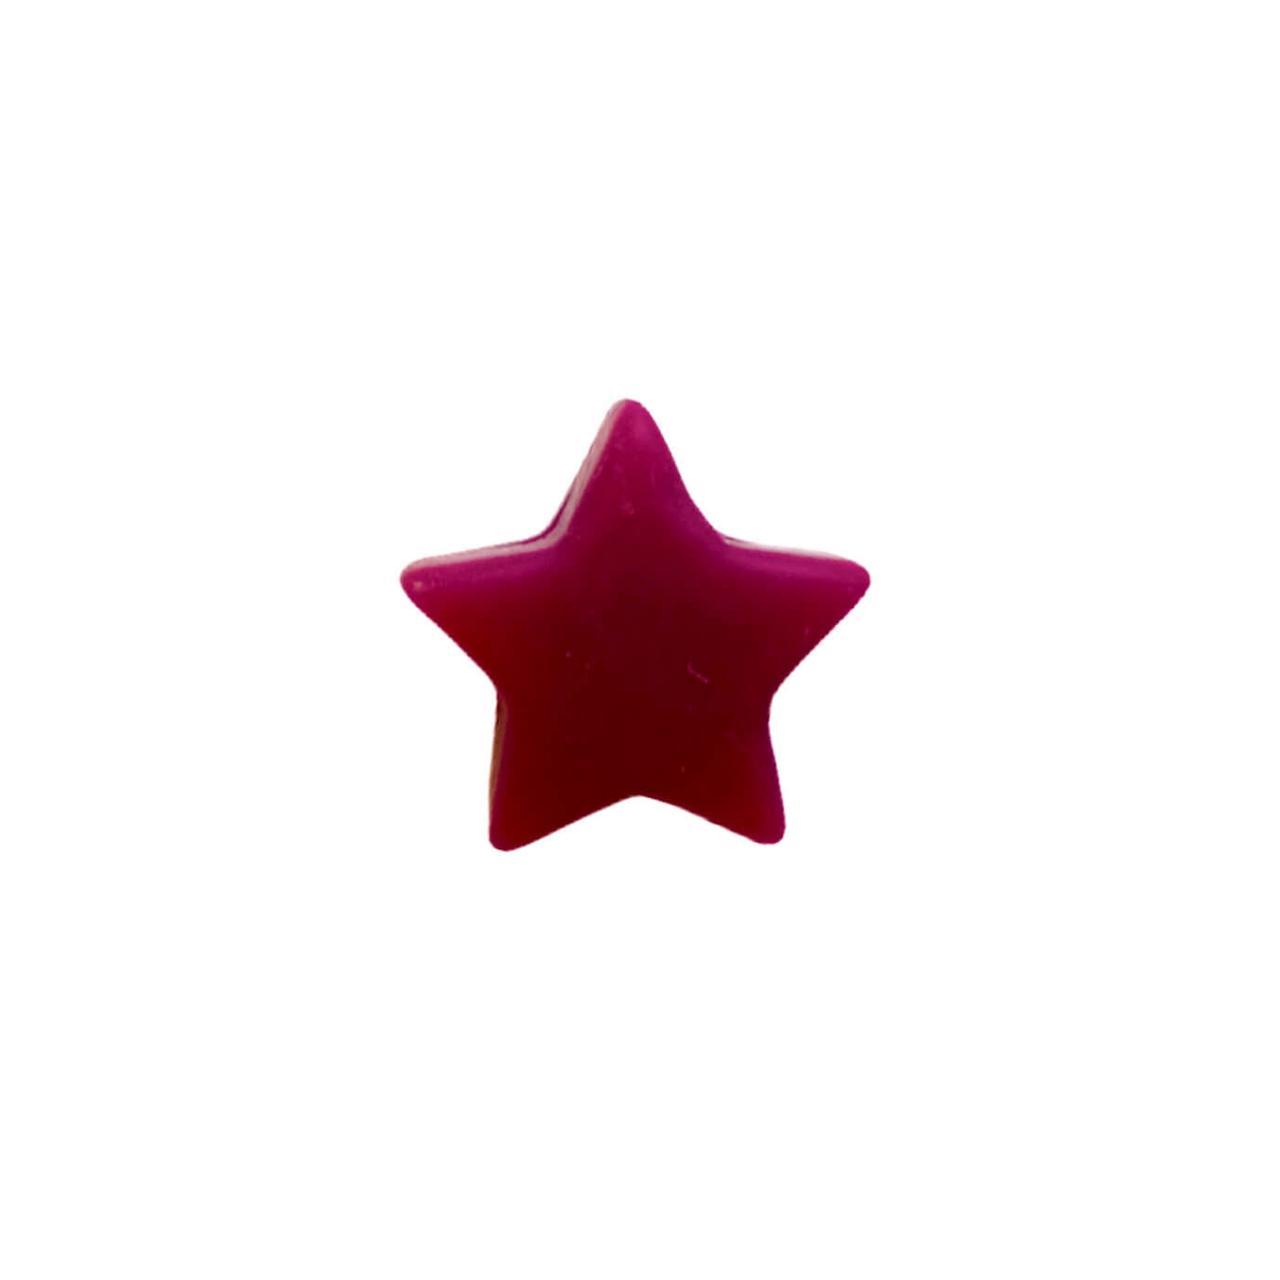 Мини звездочка (винный) бусина из пищевого силикона